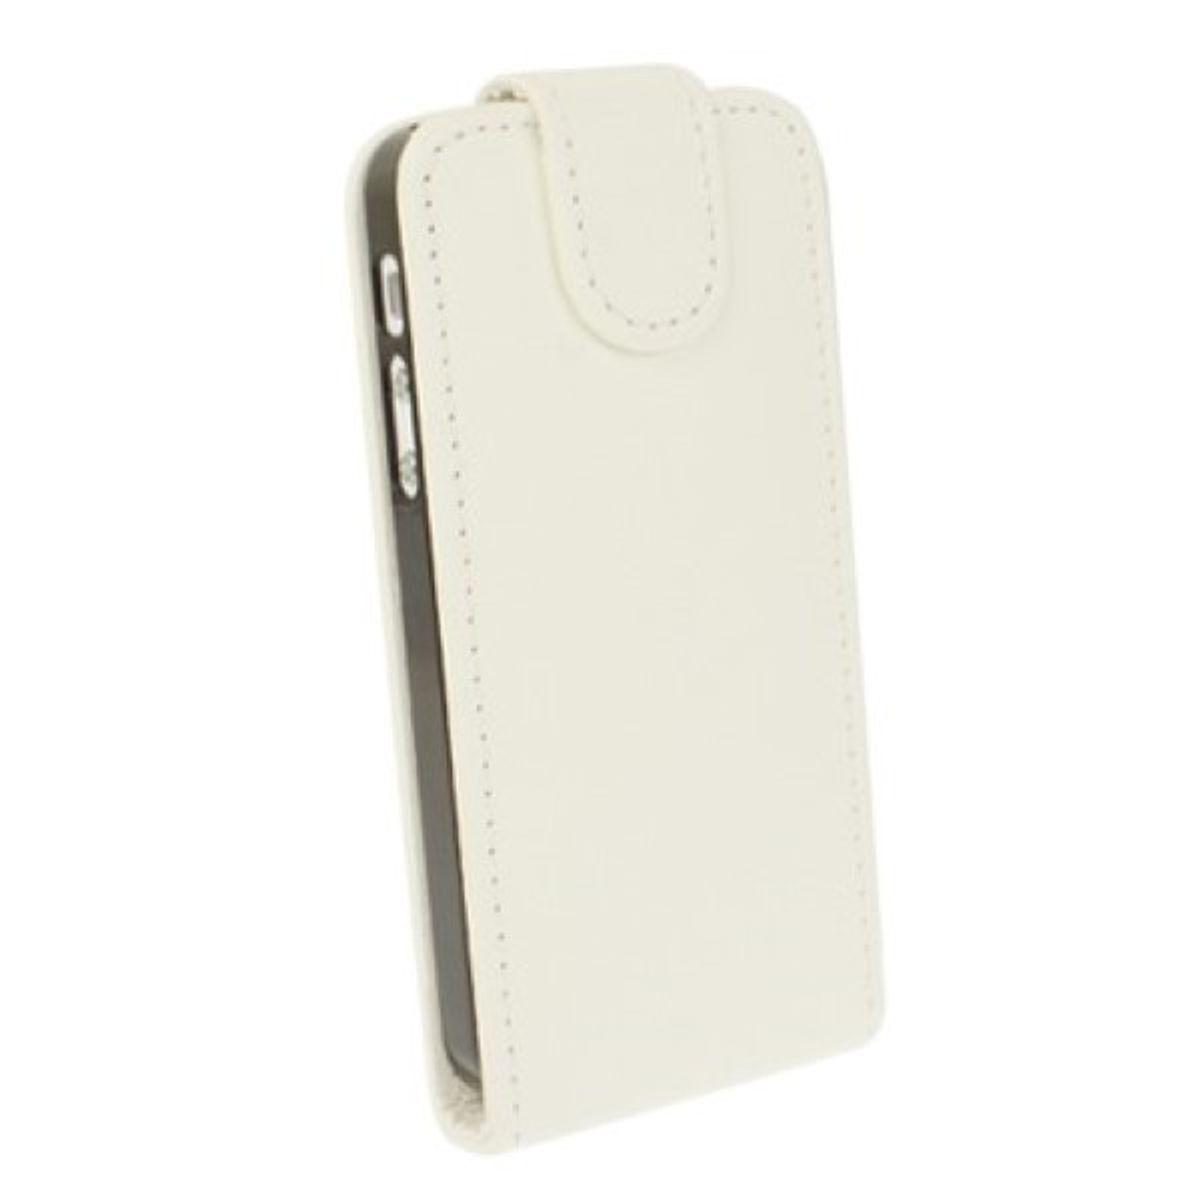 Handy Tasche Flip dünn für Handy iPhone 5 / 5s